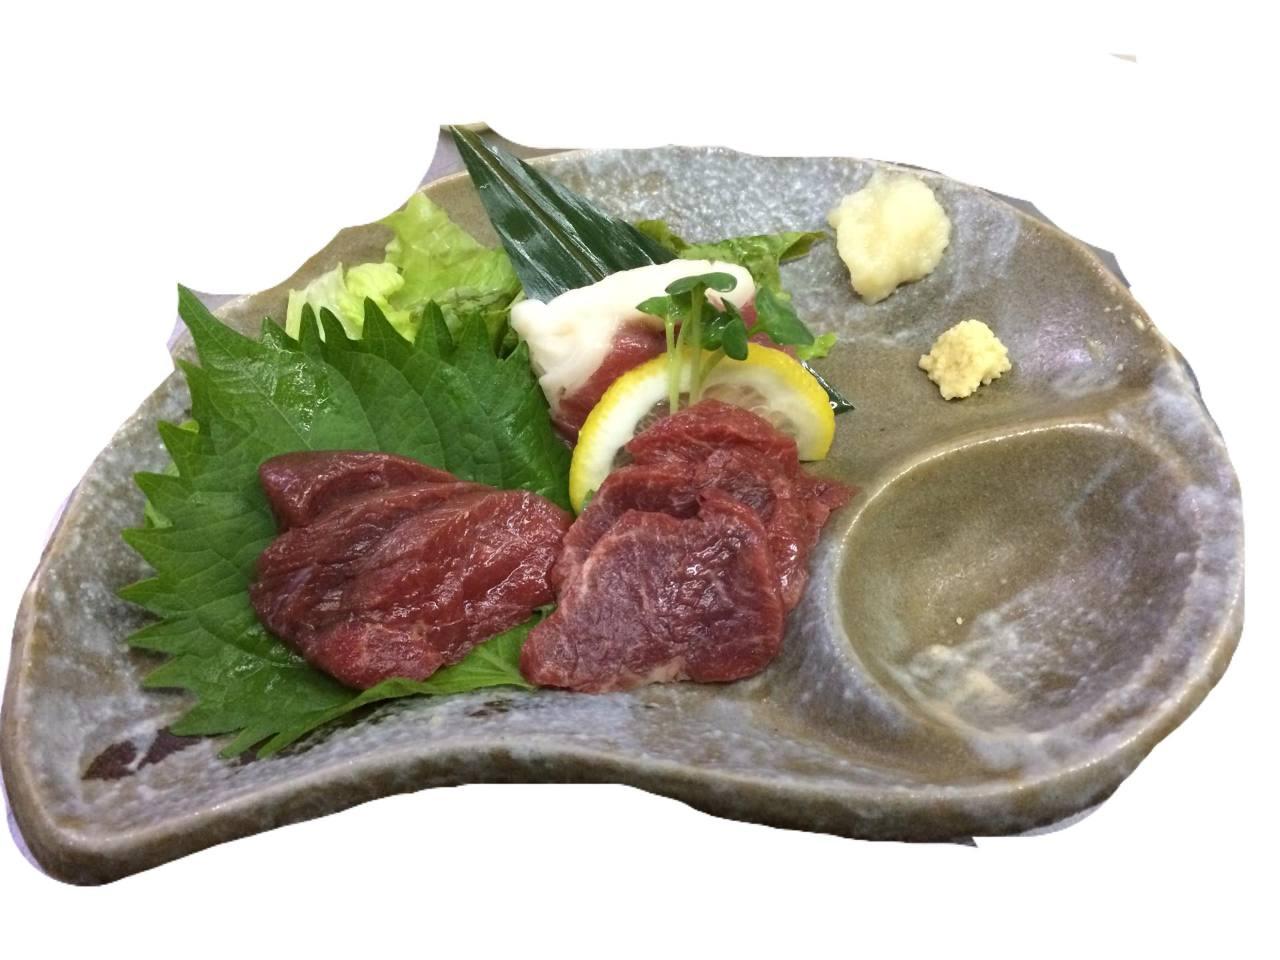 馬刺し 4種 おろしニンニクつけて甘い九州醤油で!!